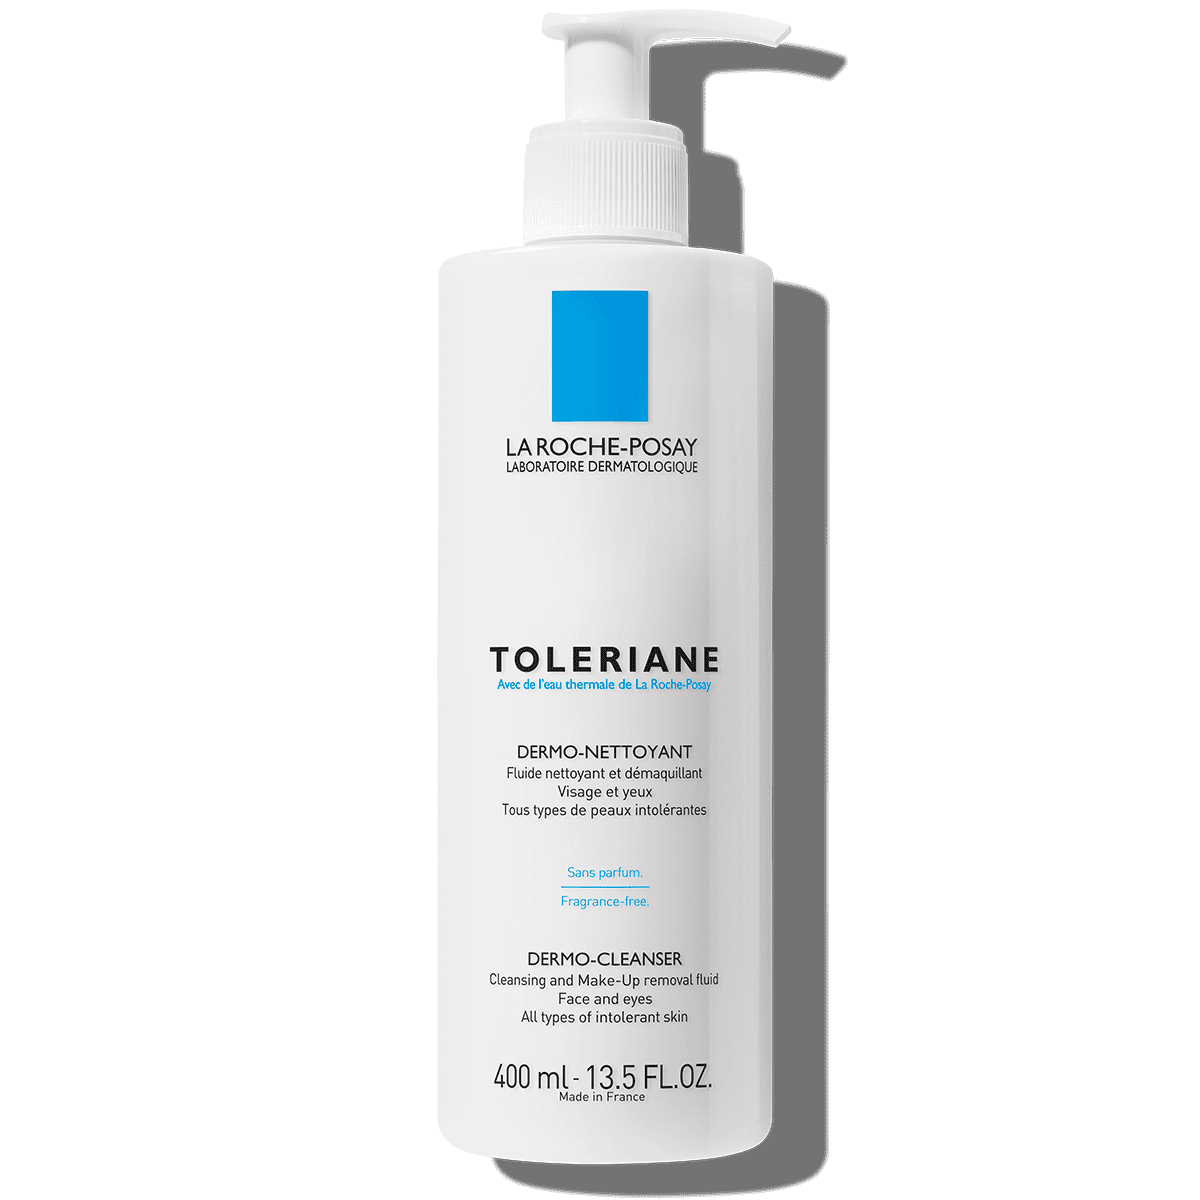 La Roche Posay TermékOldal Érzékeny Allergiára Hajlamos Bőr Toleriane Nyugtató-védő Tisztító